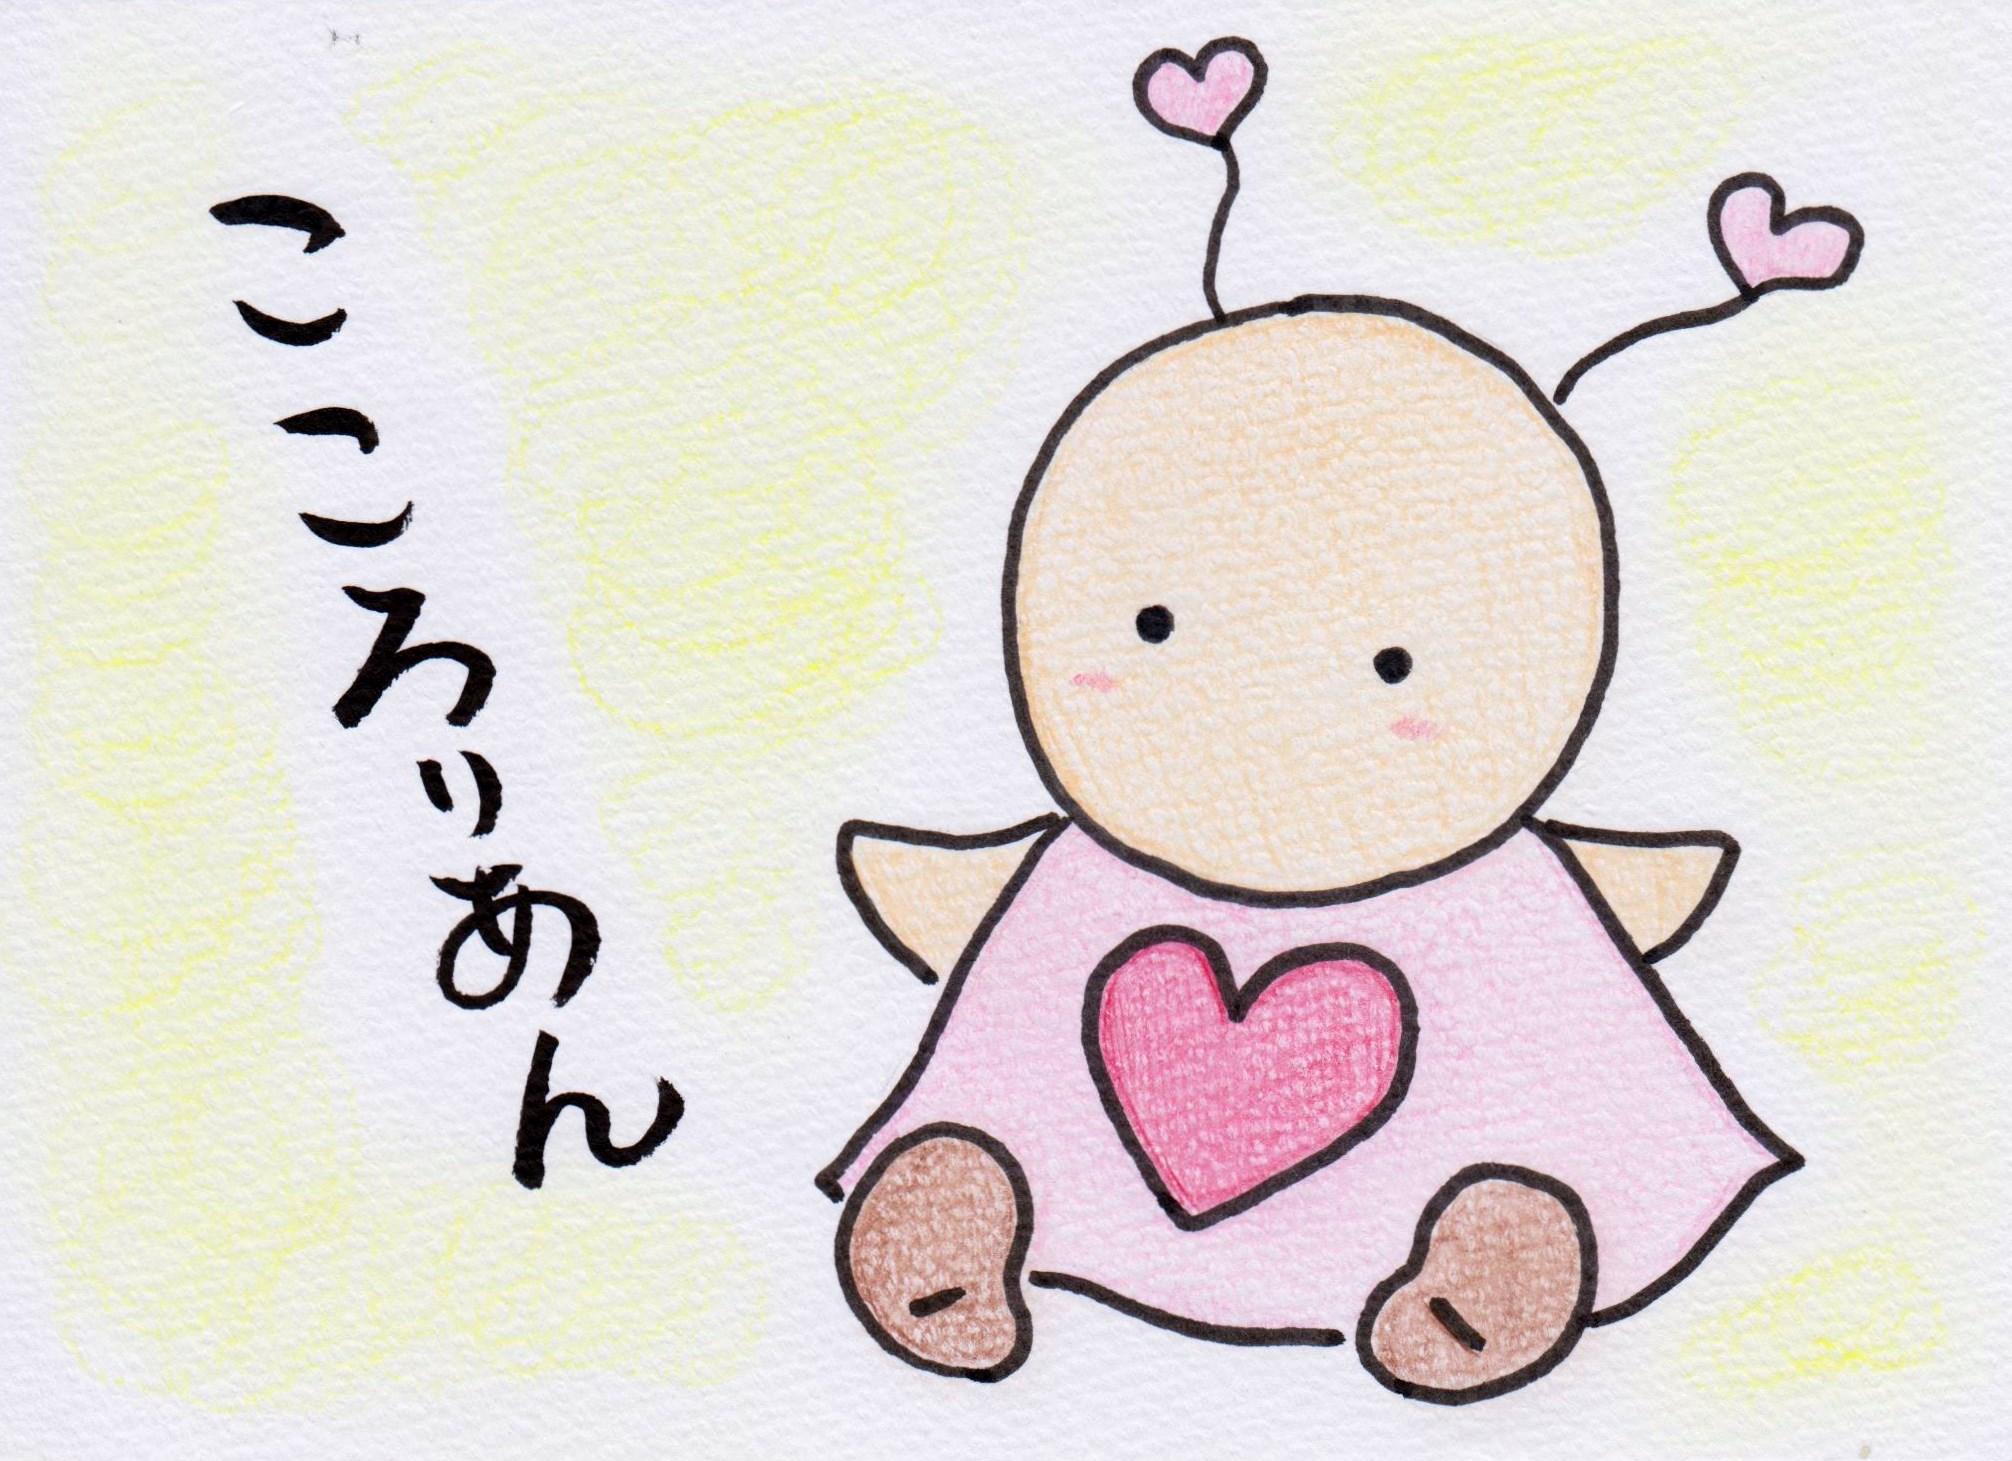 創作絵本 『こころりあん』 ①_f0015517_1423976.jpg